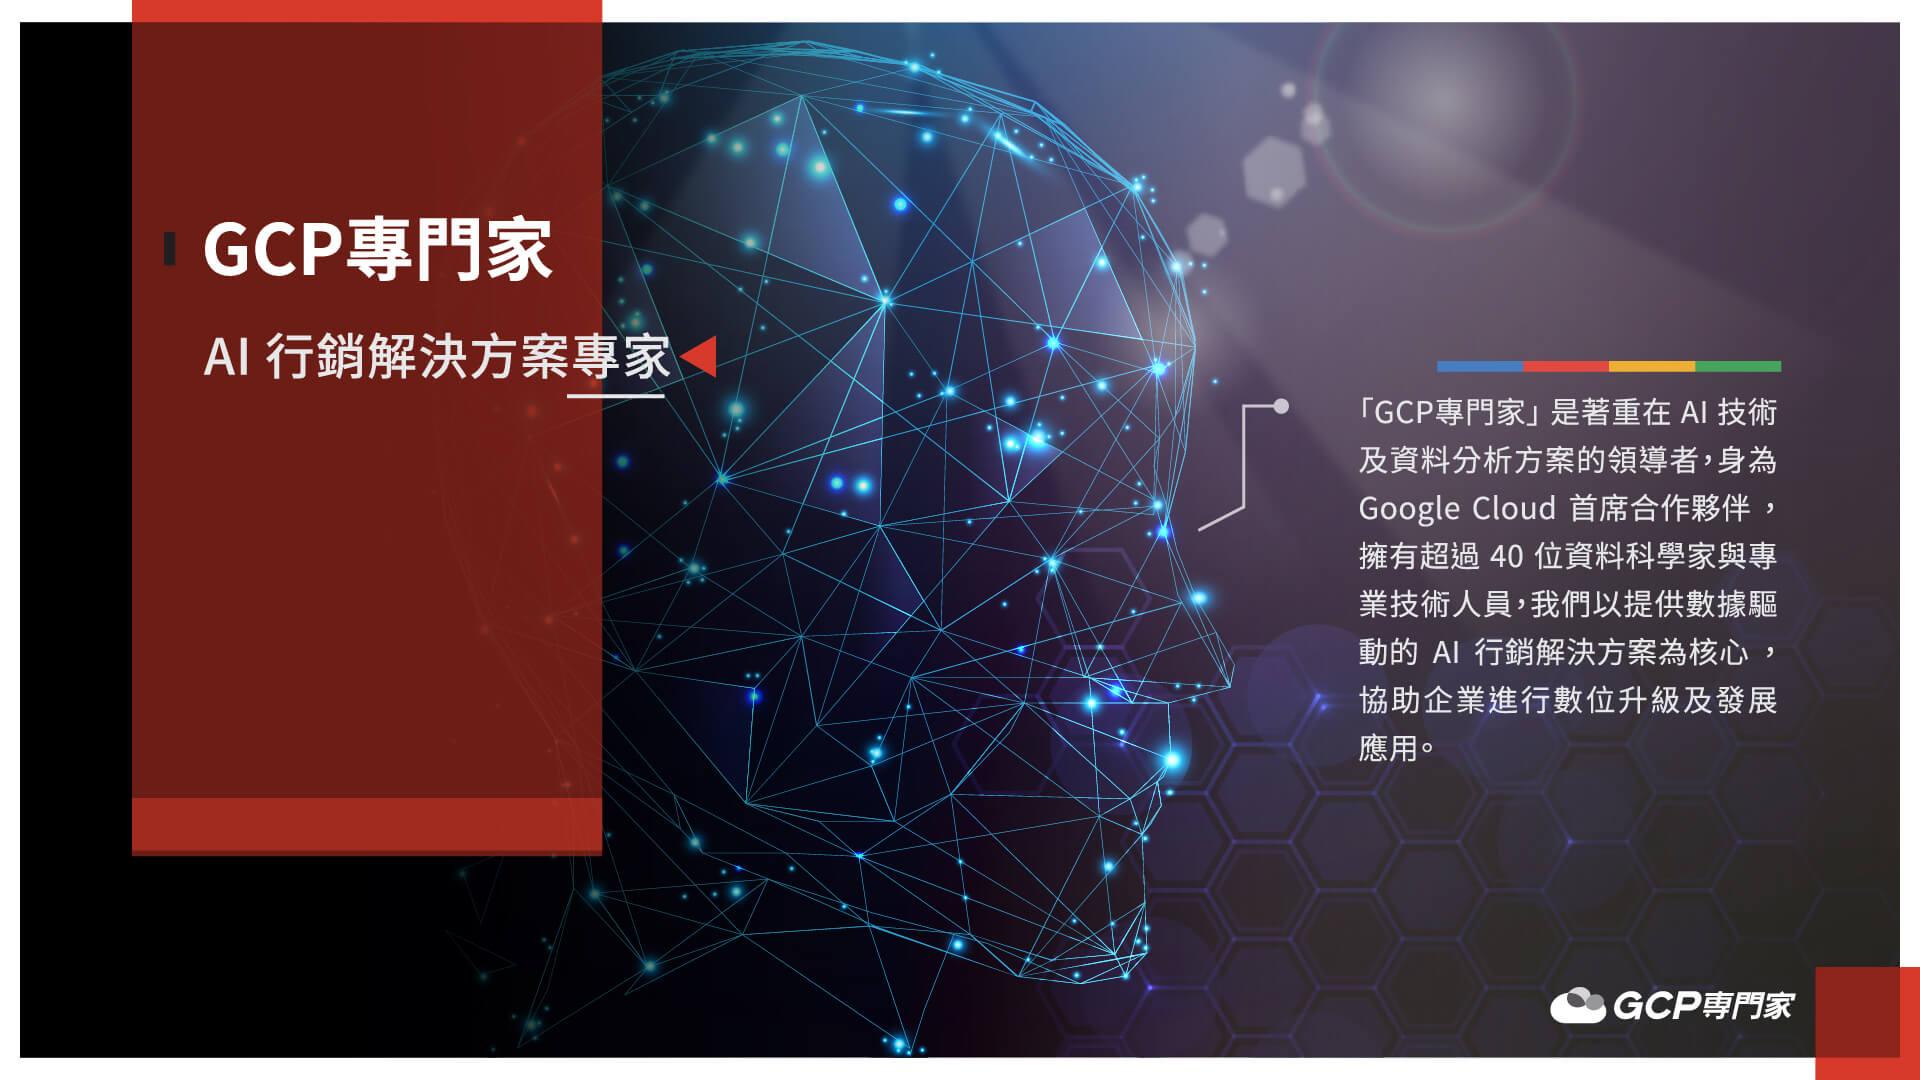 6 張圖表抓準 2019 最新 AI 產業趨勢